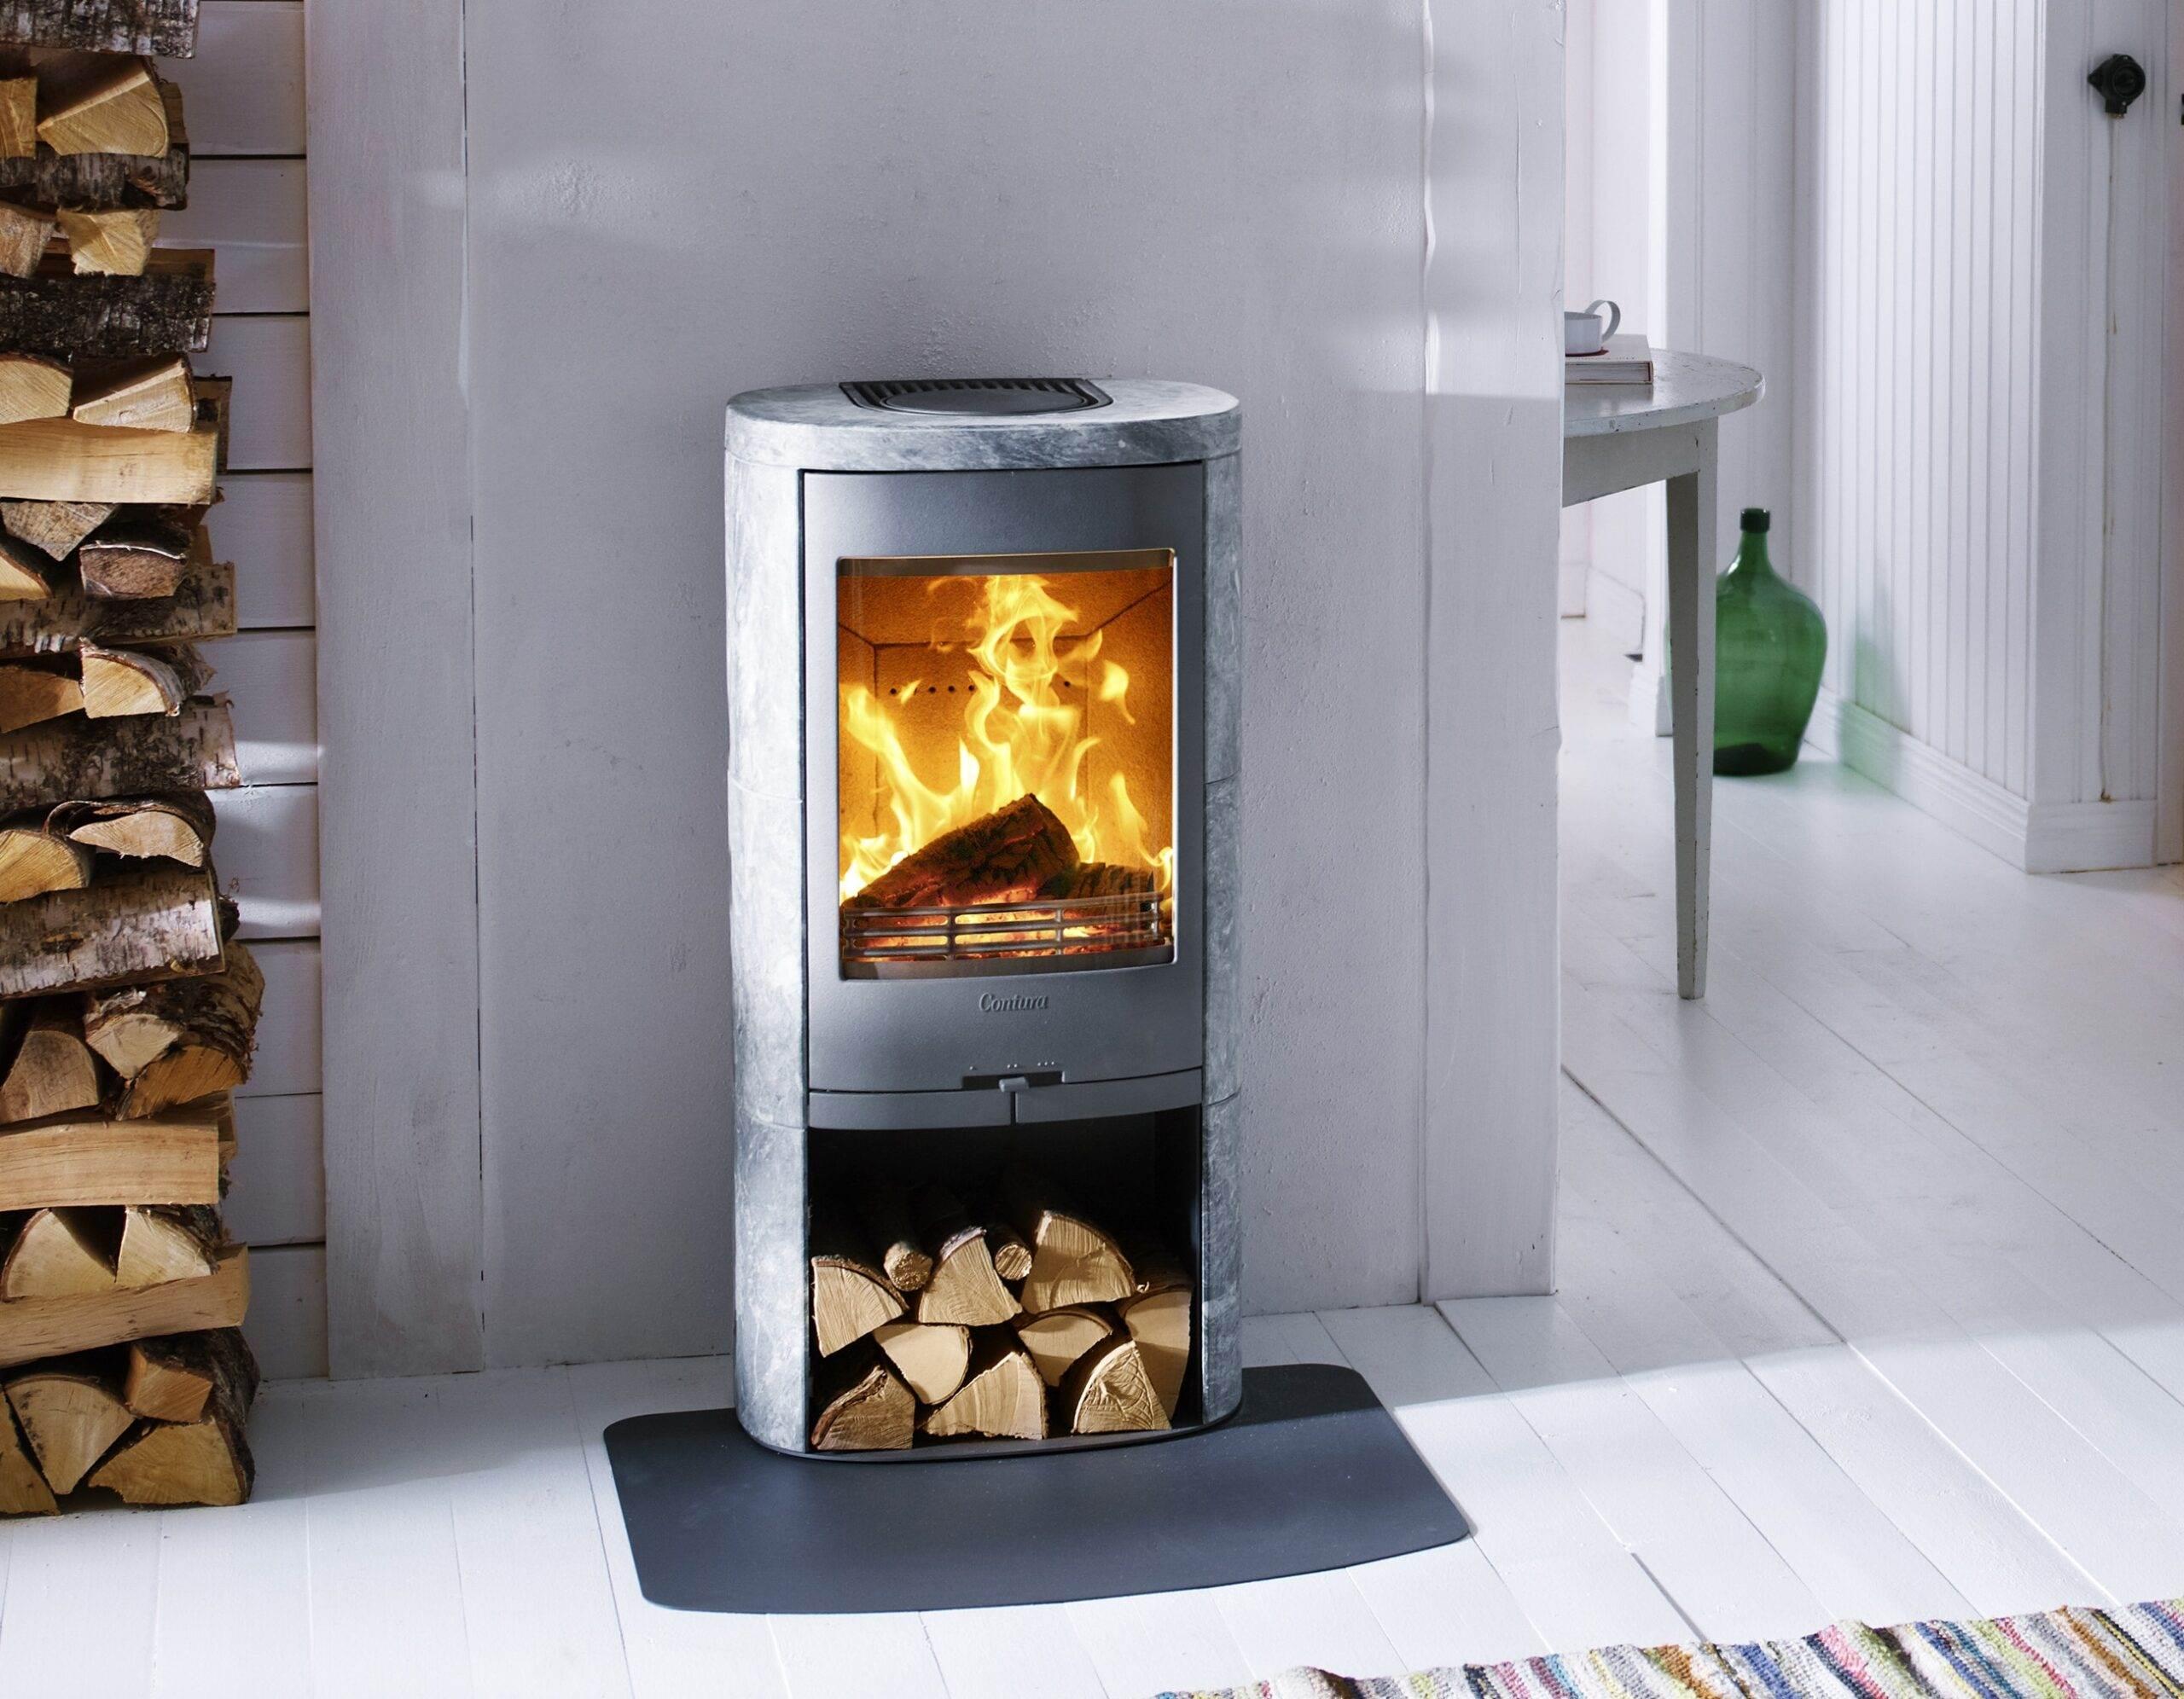 Contura stoves